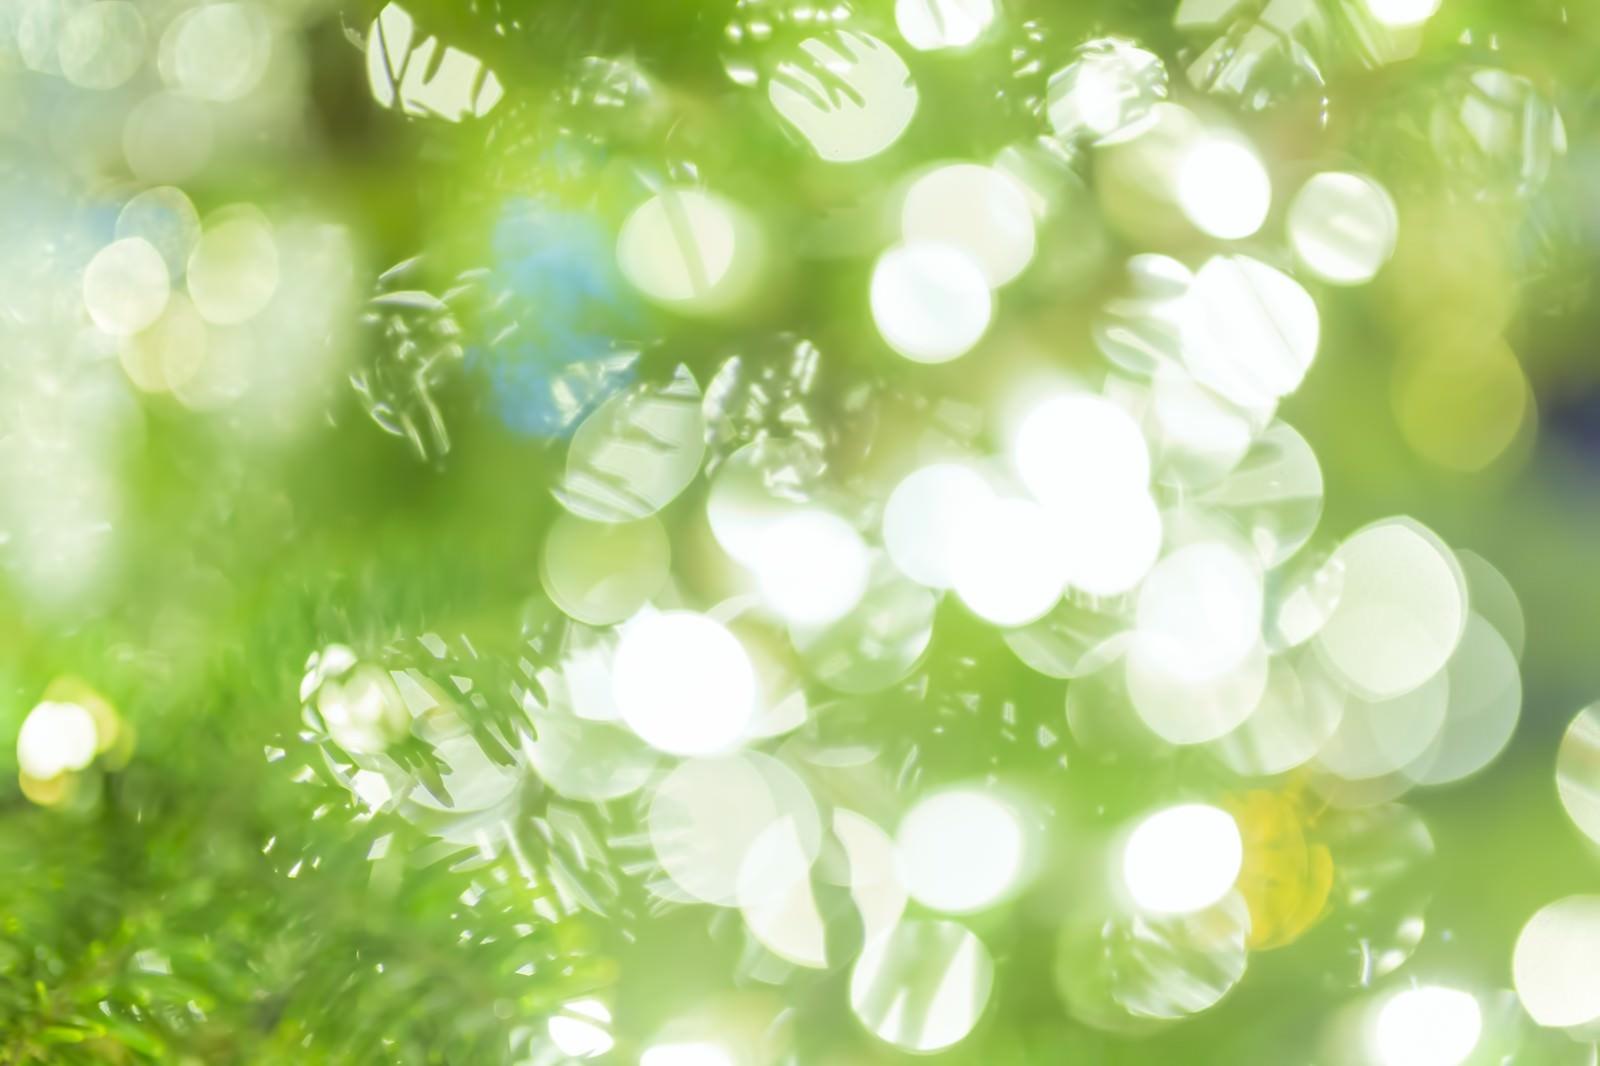 「イルミネーションとツリーイルミネーションとツリー」のフリー写真素材を拡大